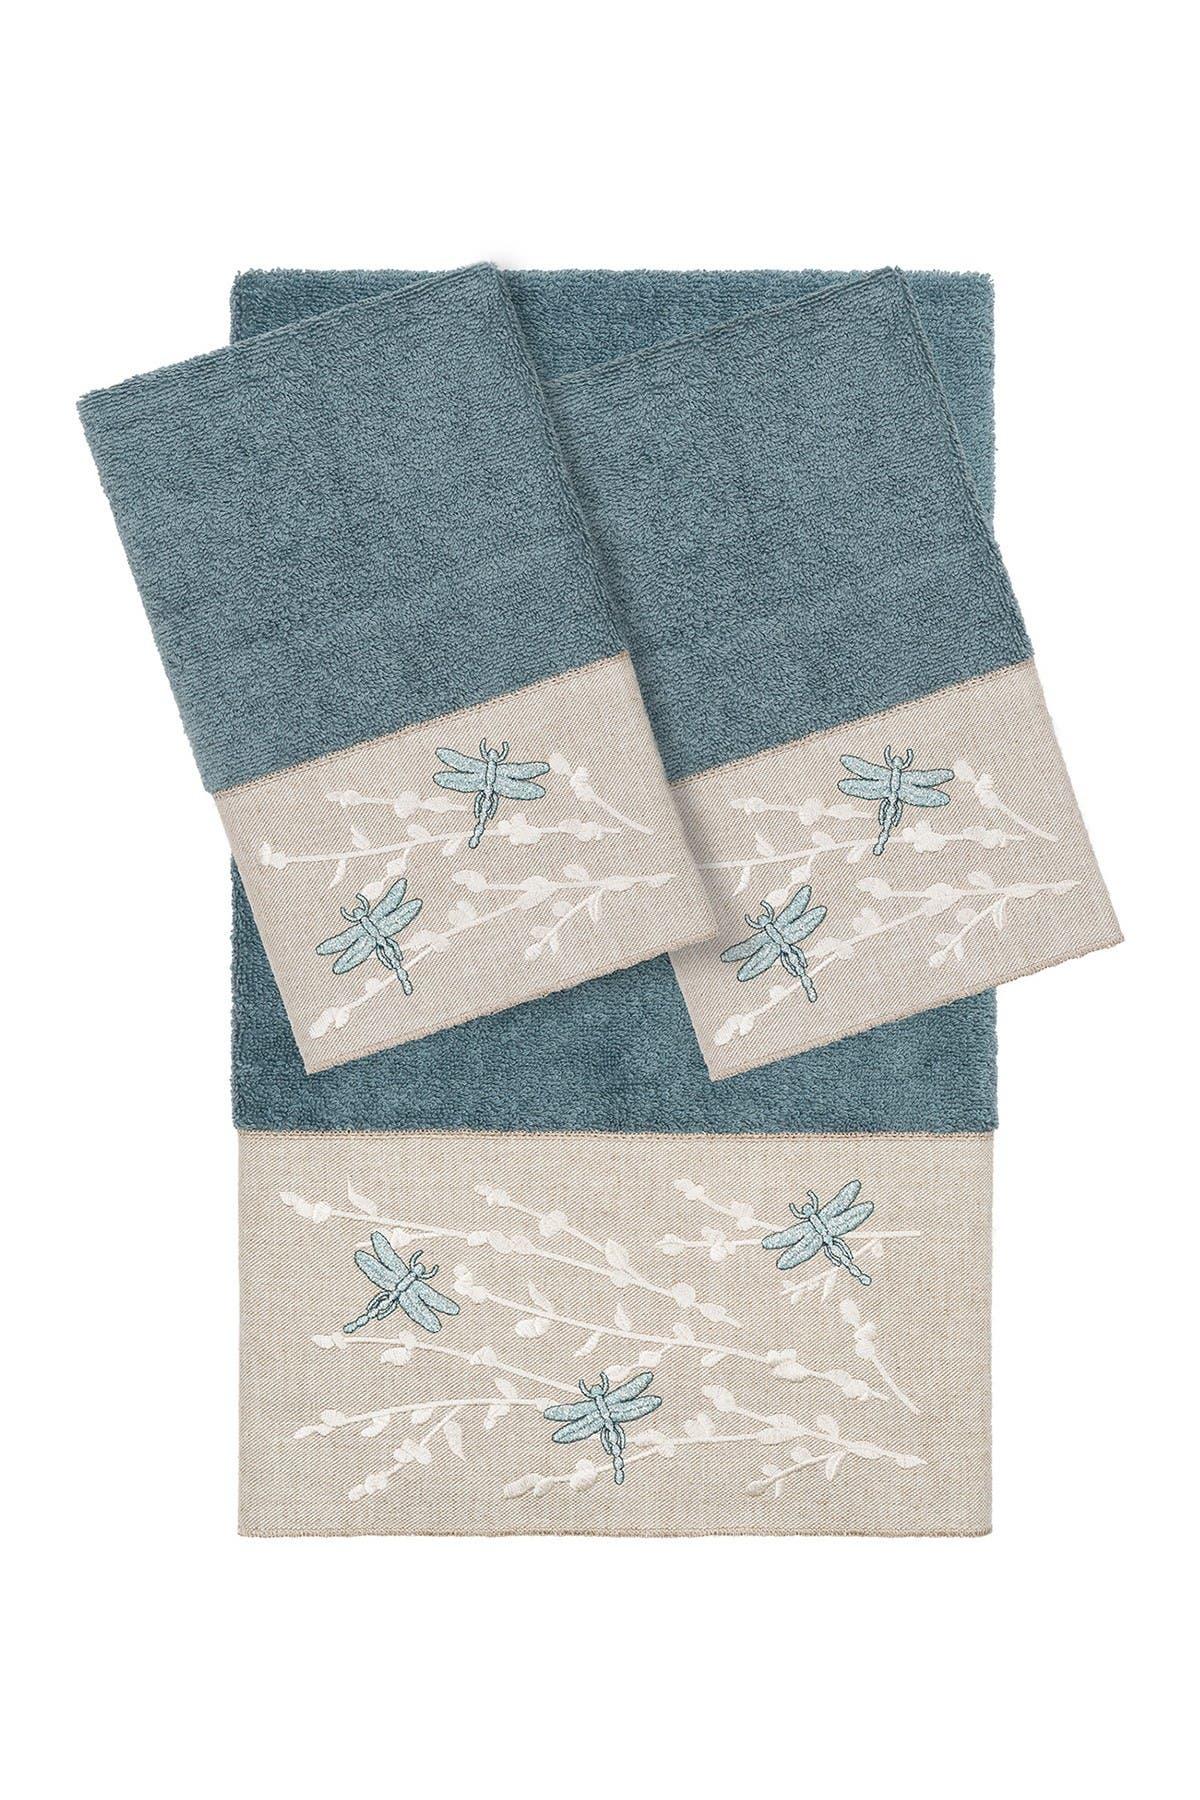 Image of LINUM HOME Braelyn 3-Piece Embellished Towel - Teal